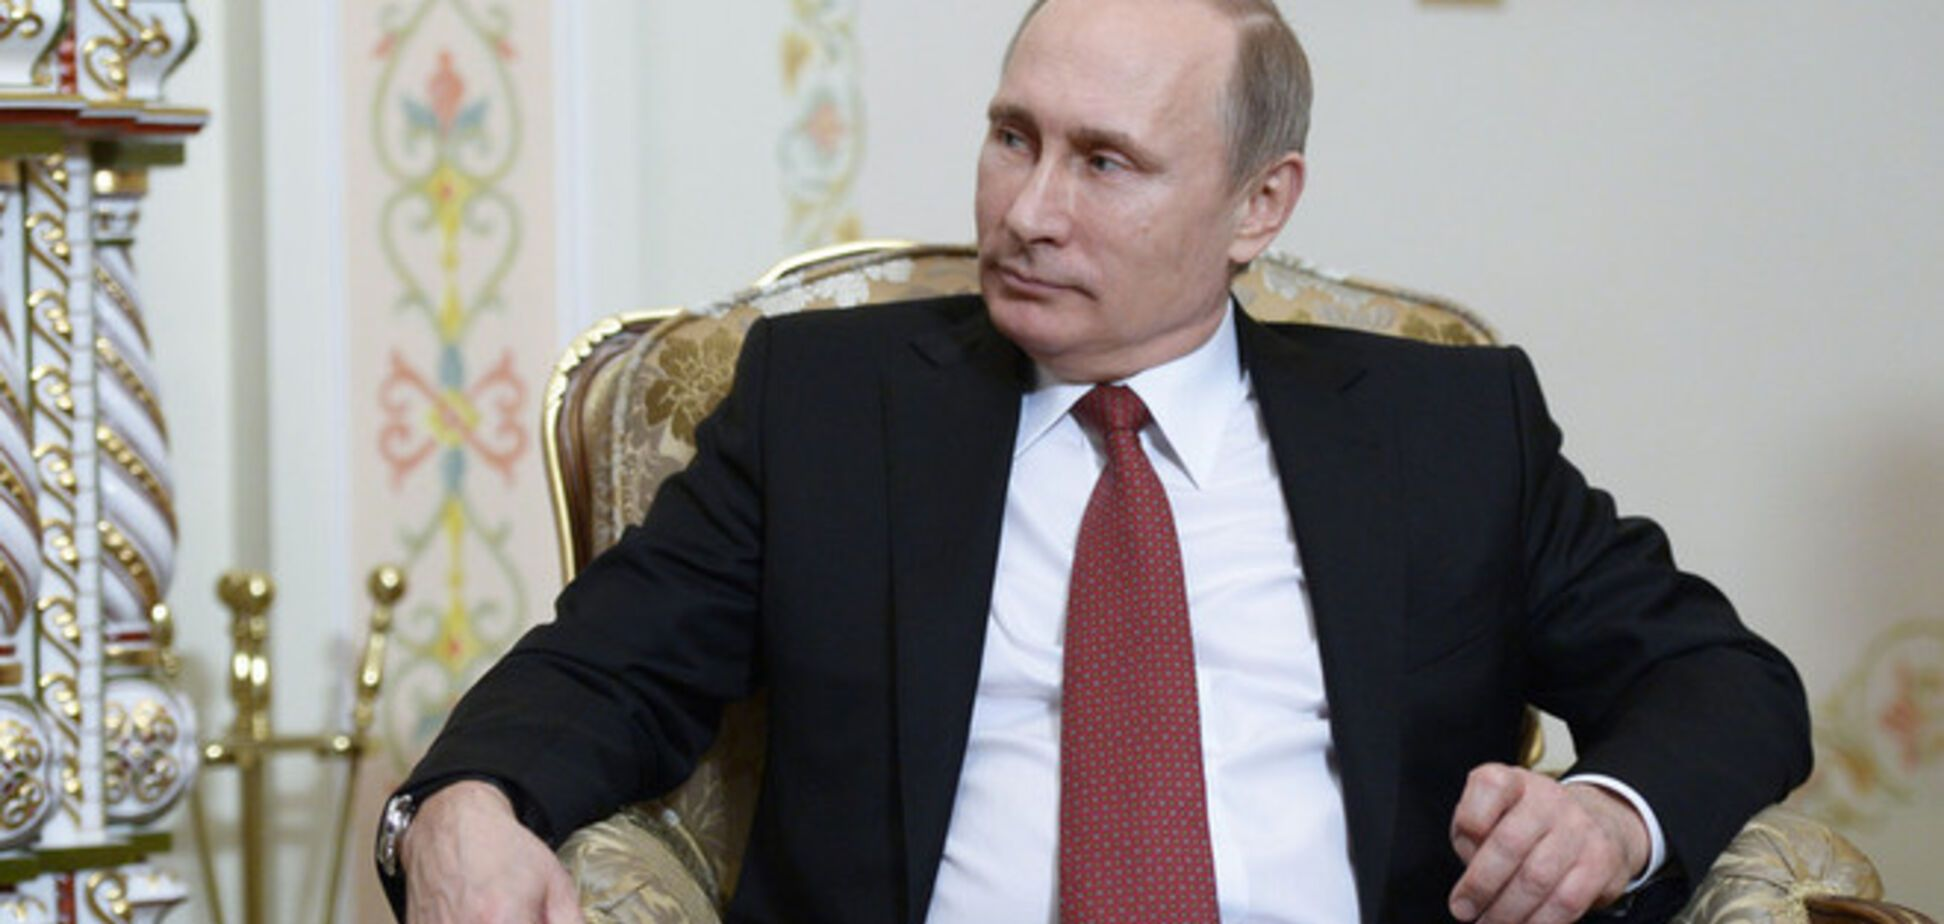 Геращенко о теракте в Донецке и 'параде' пленных 'киборгов': пиар Путина на крови